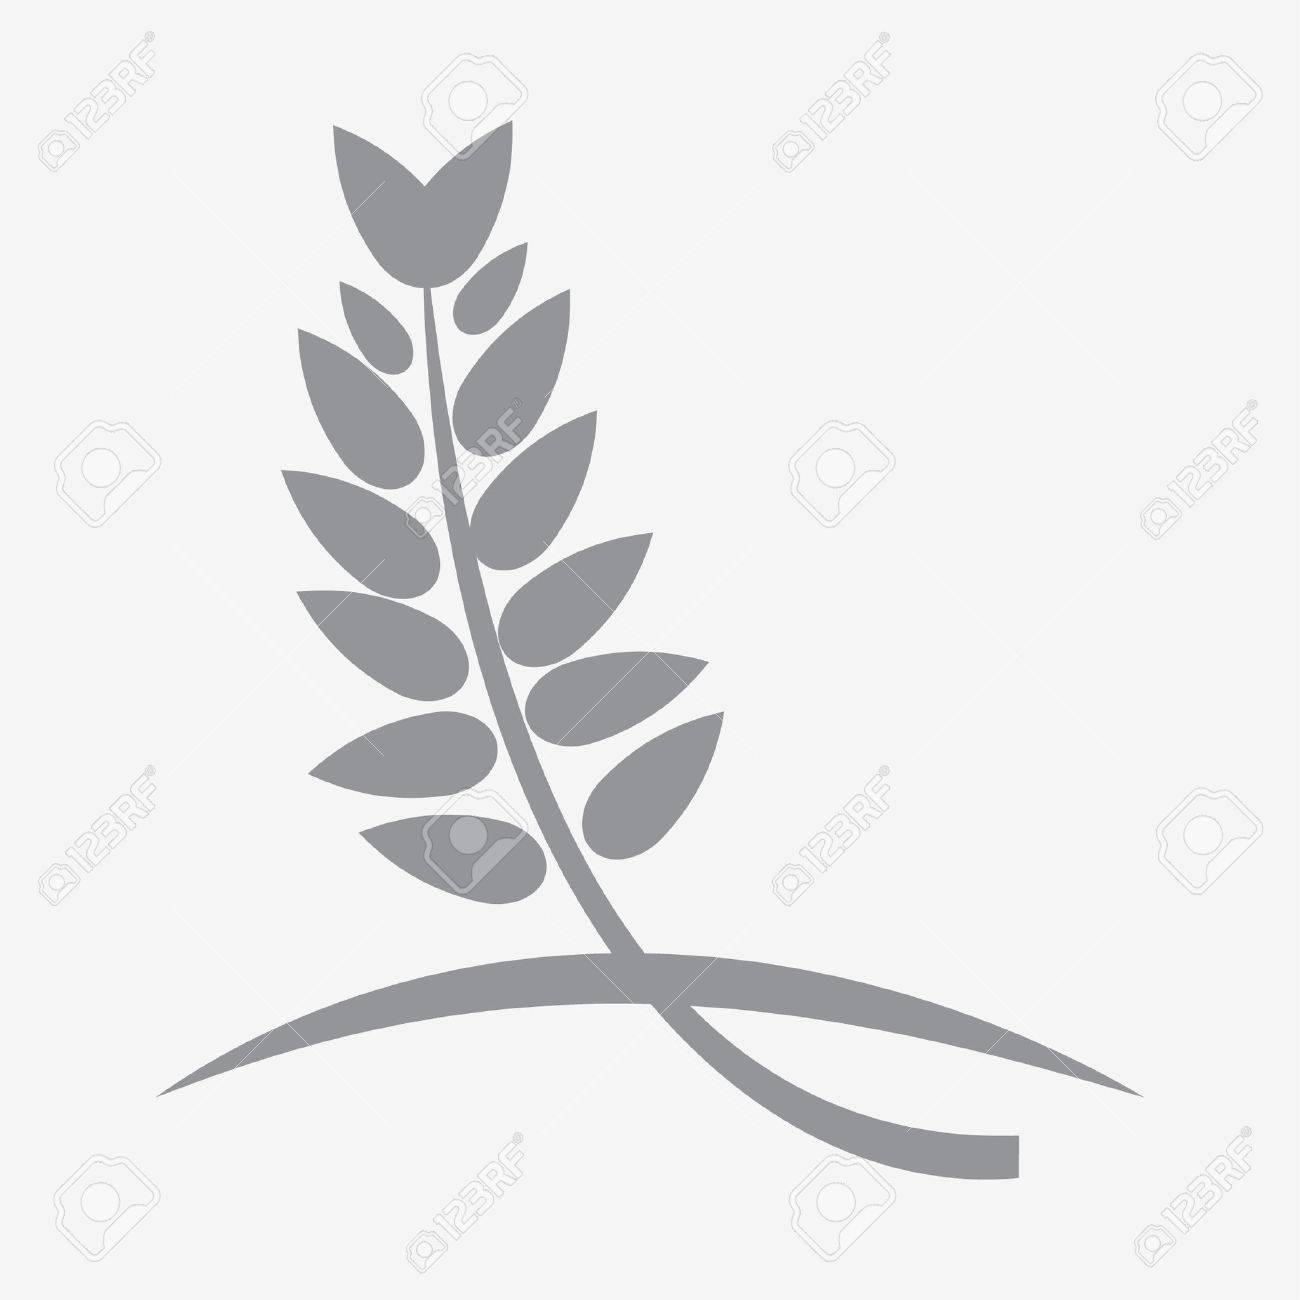 wheat icon - 32204358